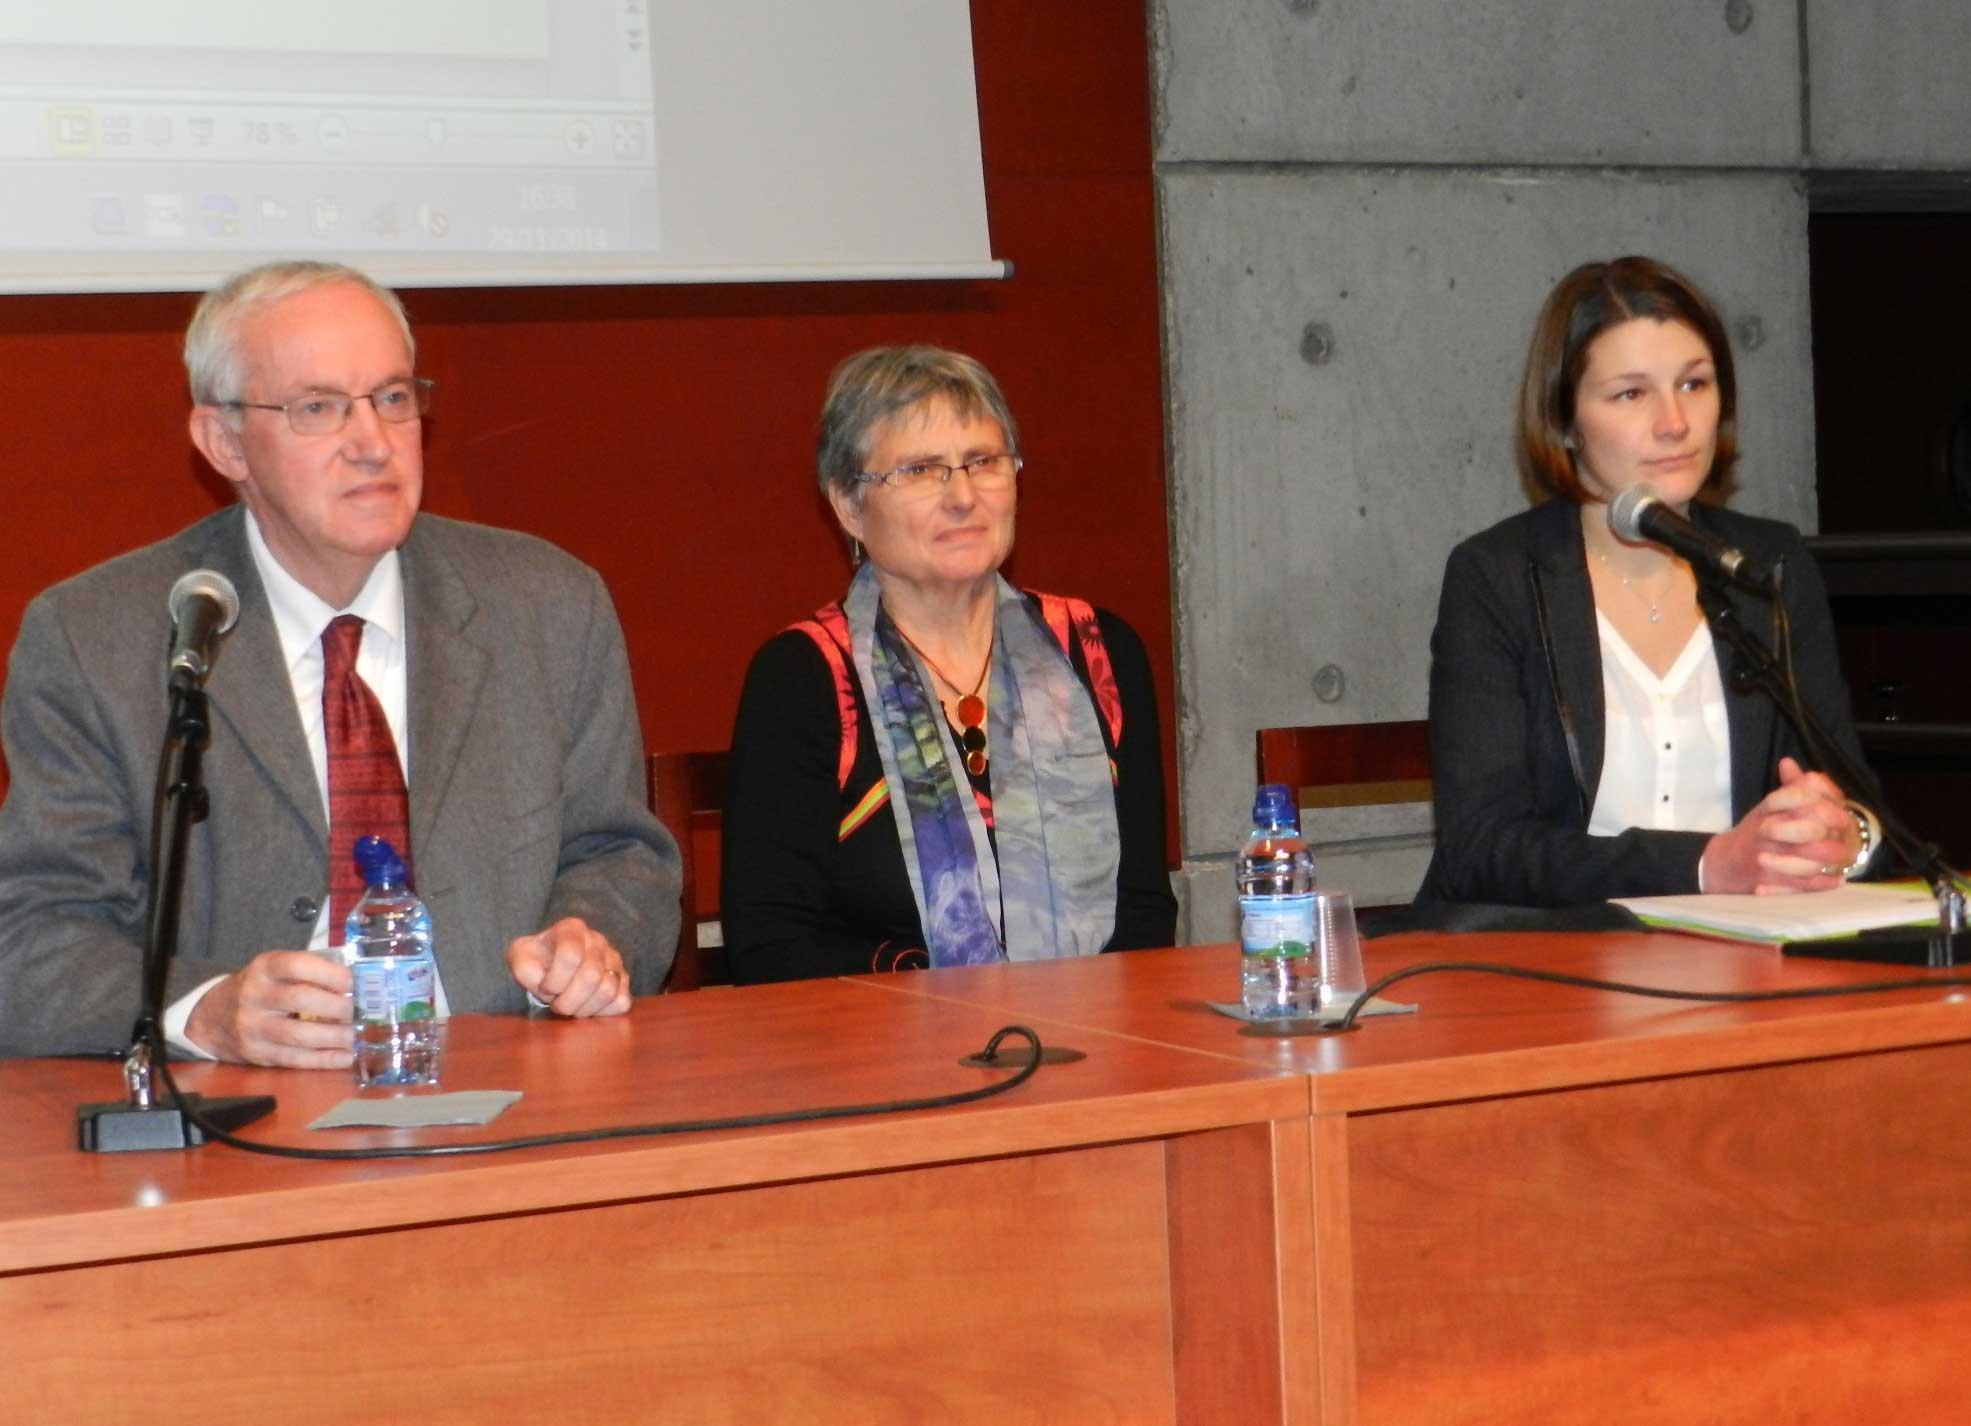 Jacques Ricot, notre présidente Marithé Heurtaux, Aurore Catherine-Leprovaux, juriste {JPEG}